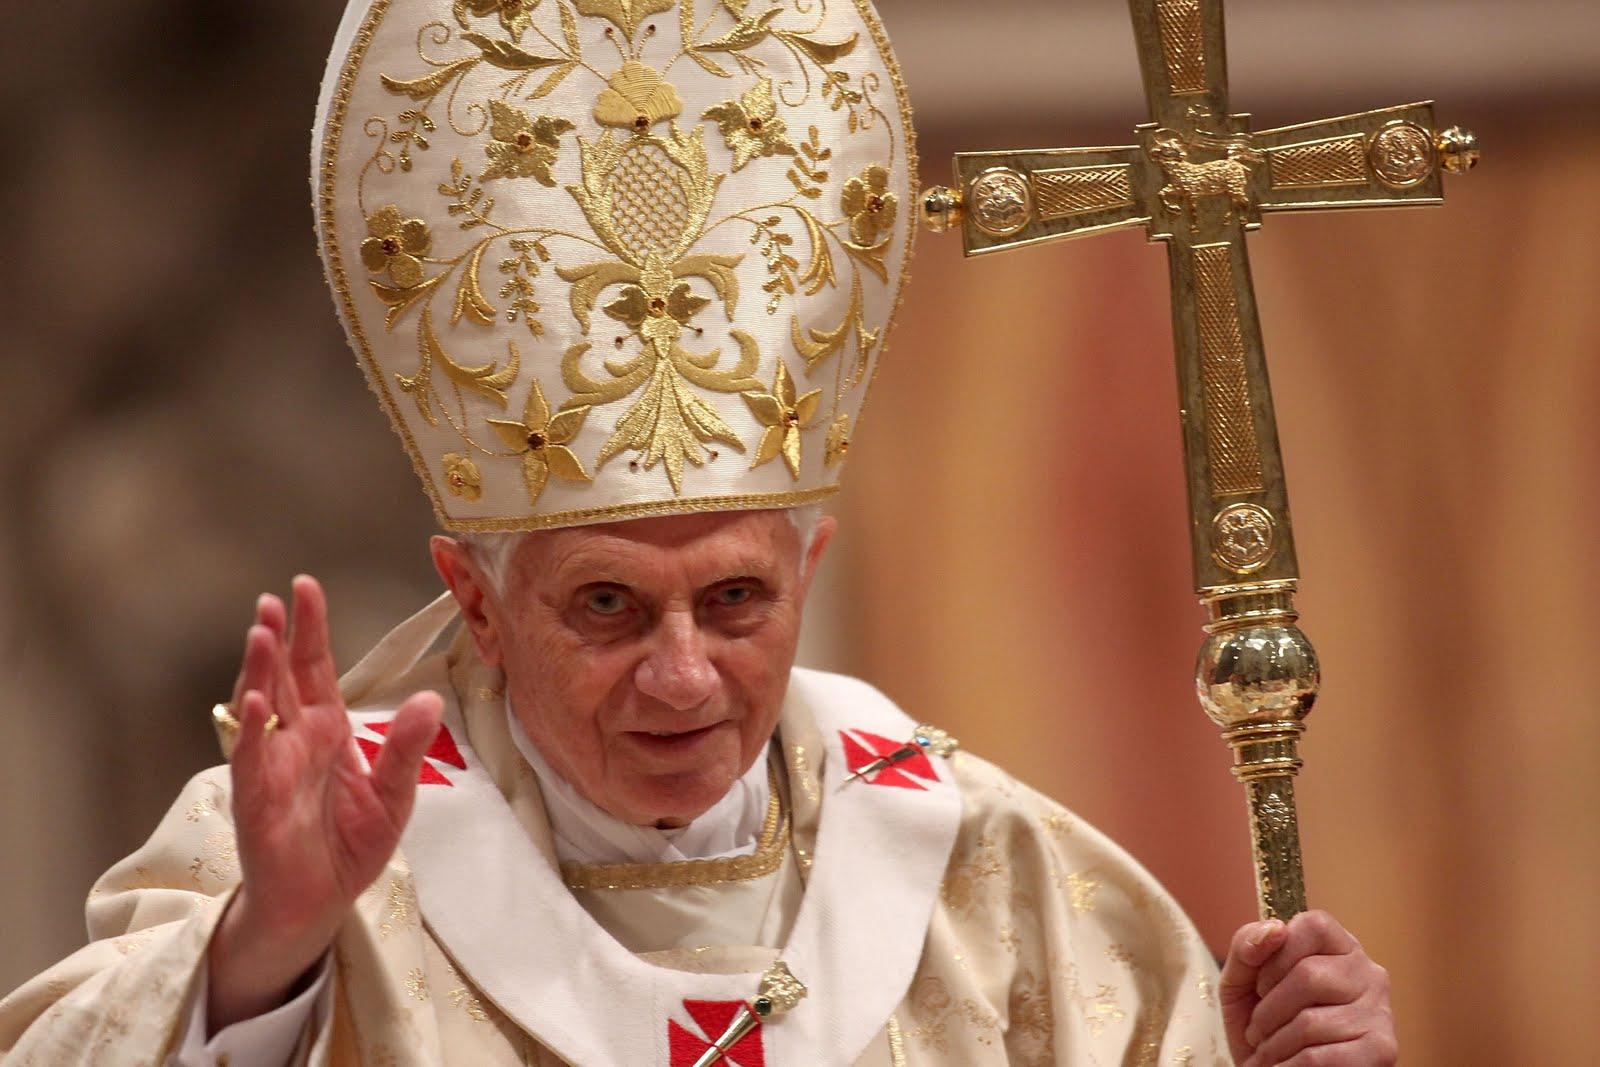 Fraternity and Solidarity in Pope Benedict XVI's Caritas in Veritate